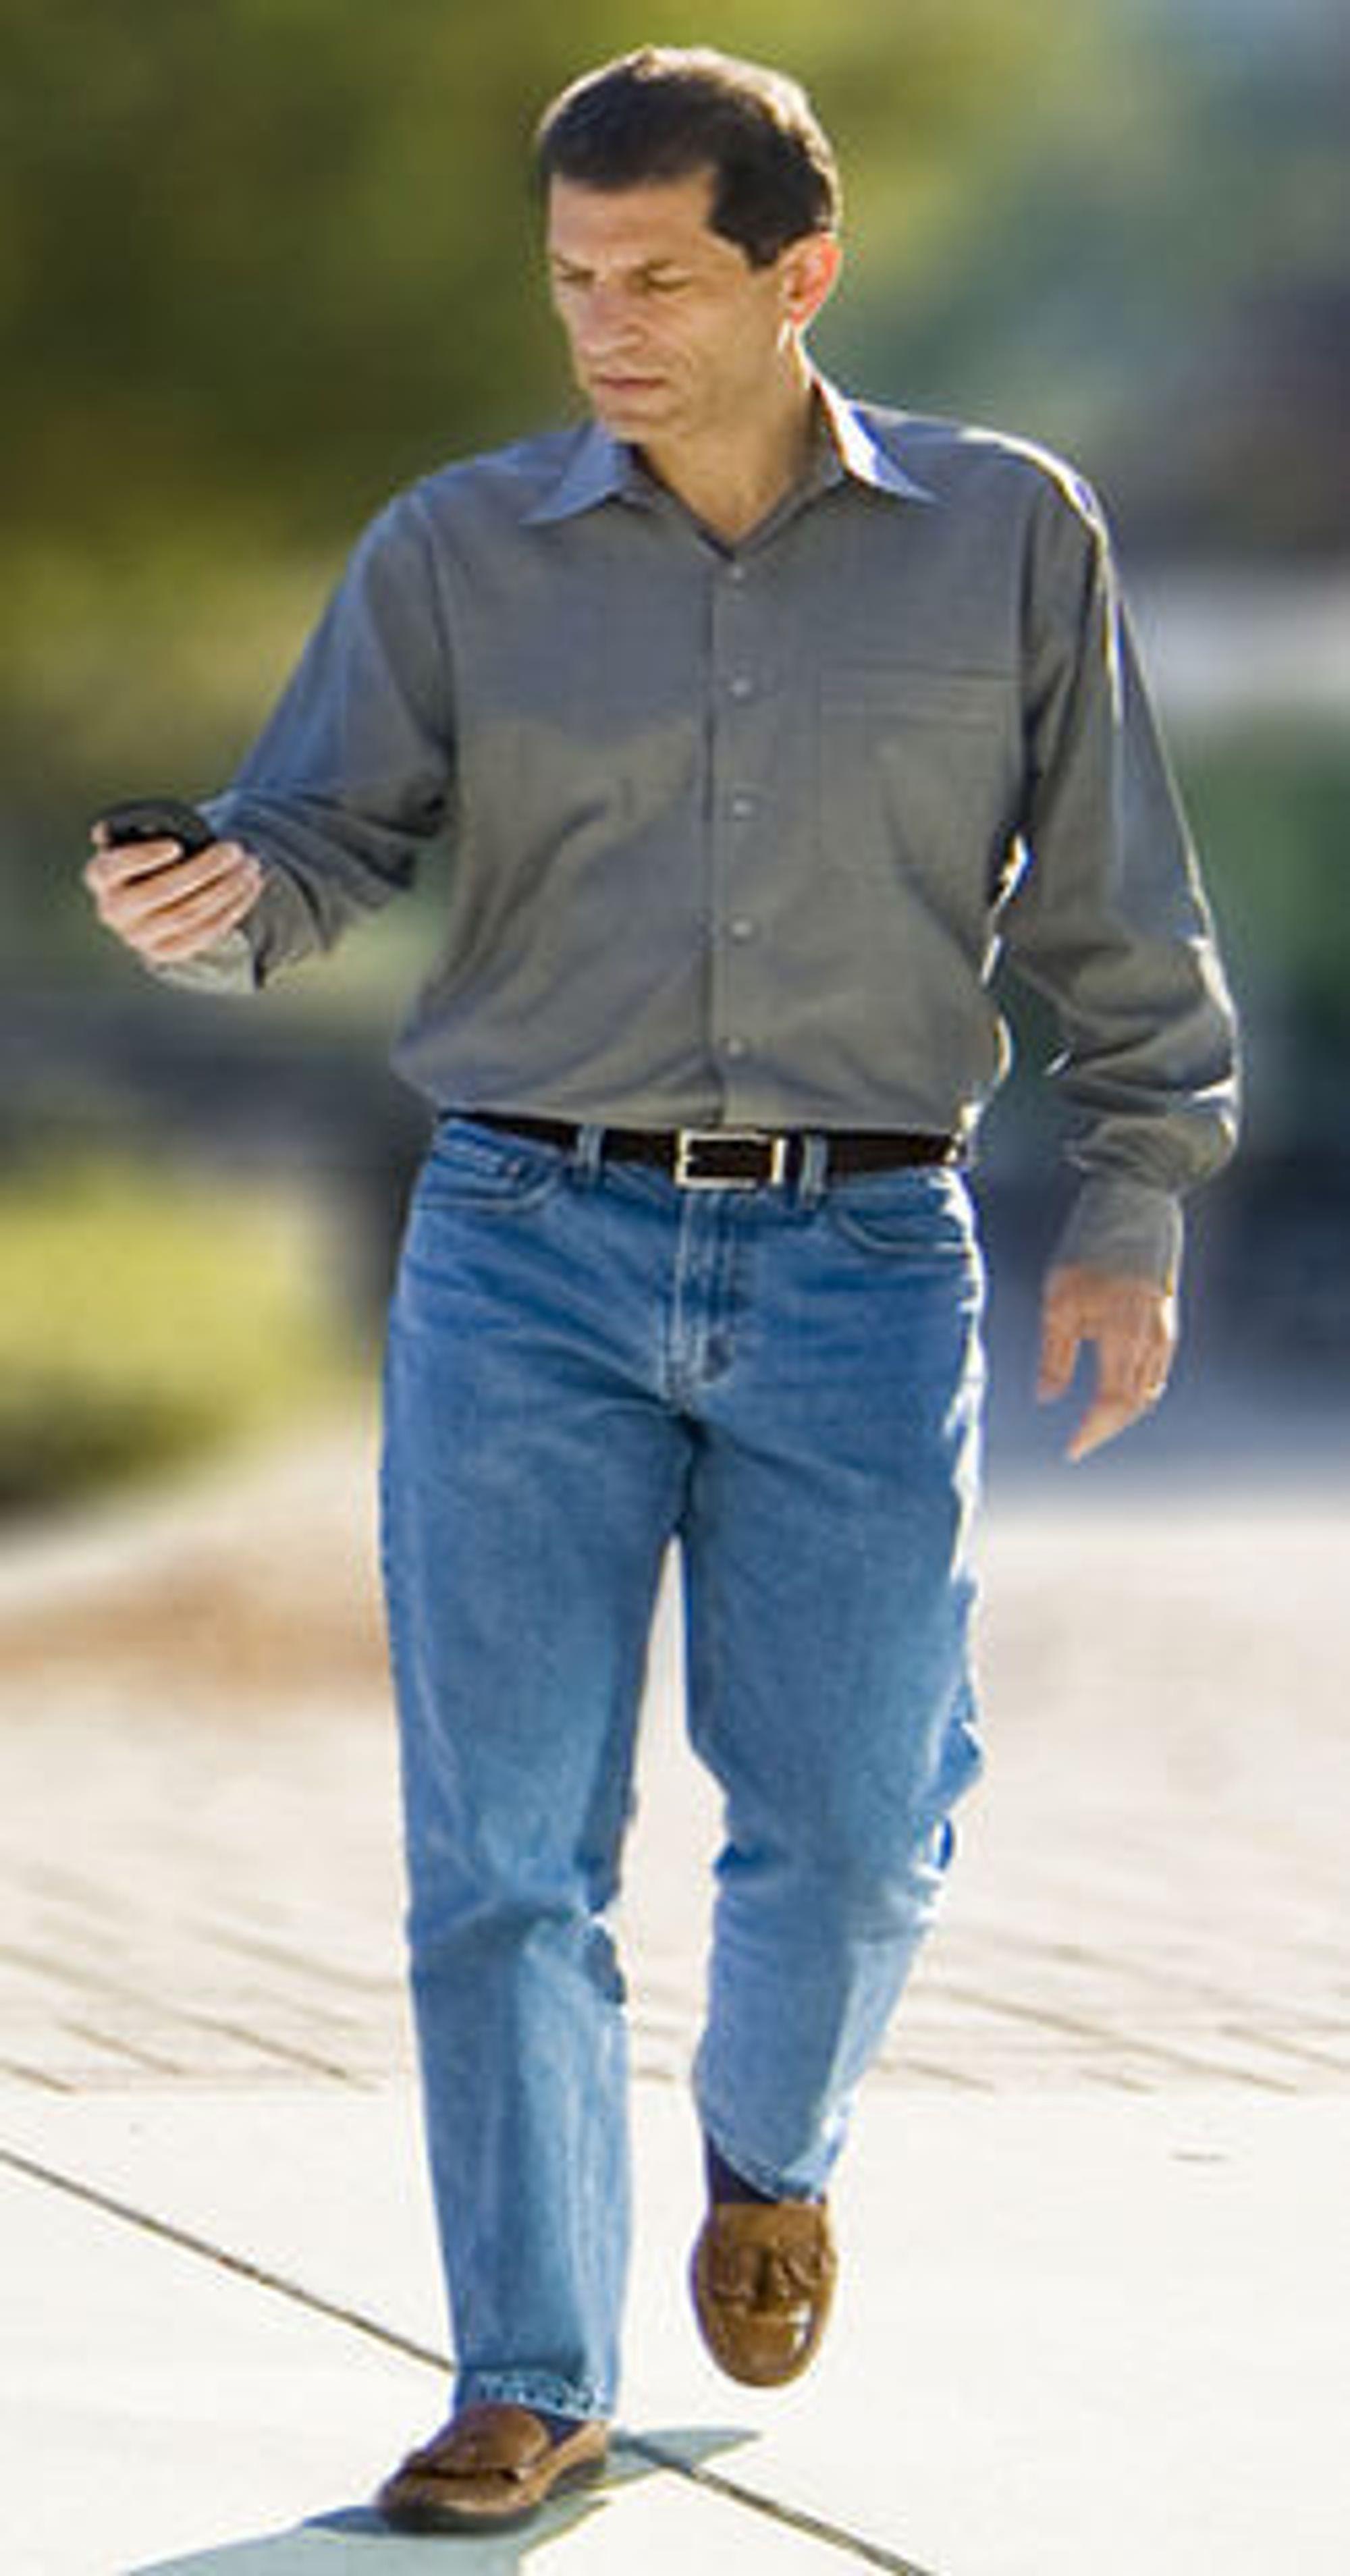 Jonathan Rubinstein er kjent for sine avgjørende bidrag til både iMac og iPod.